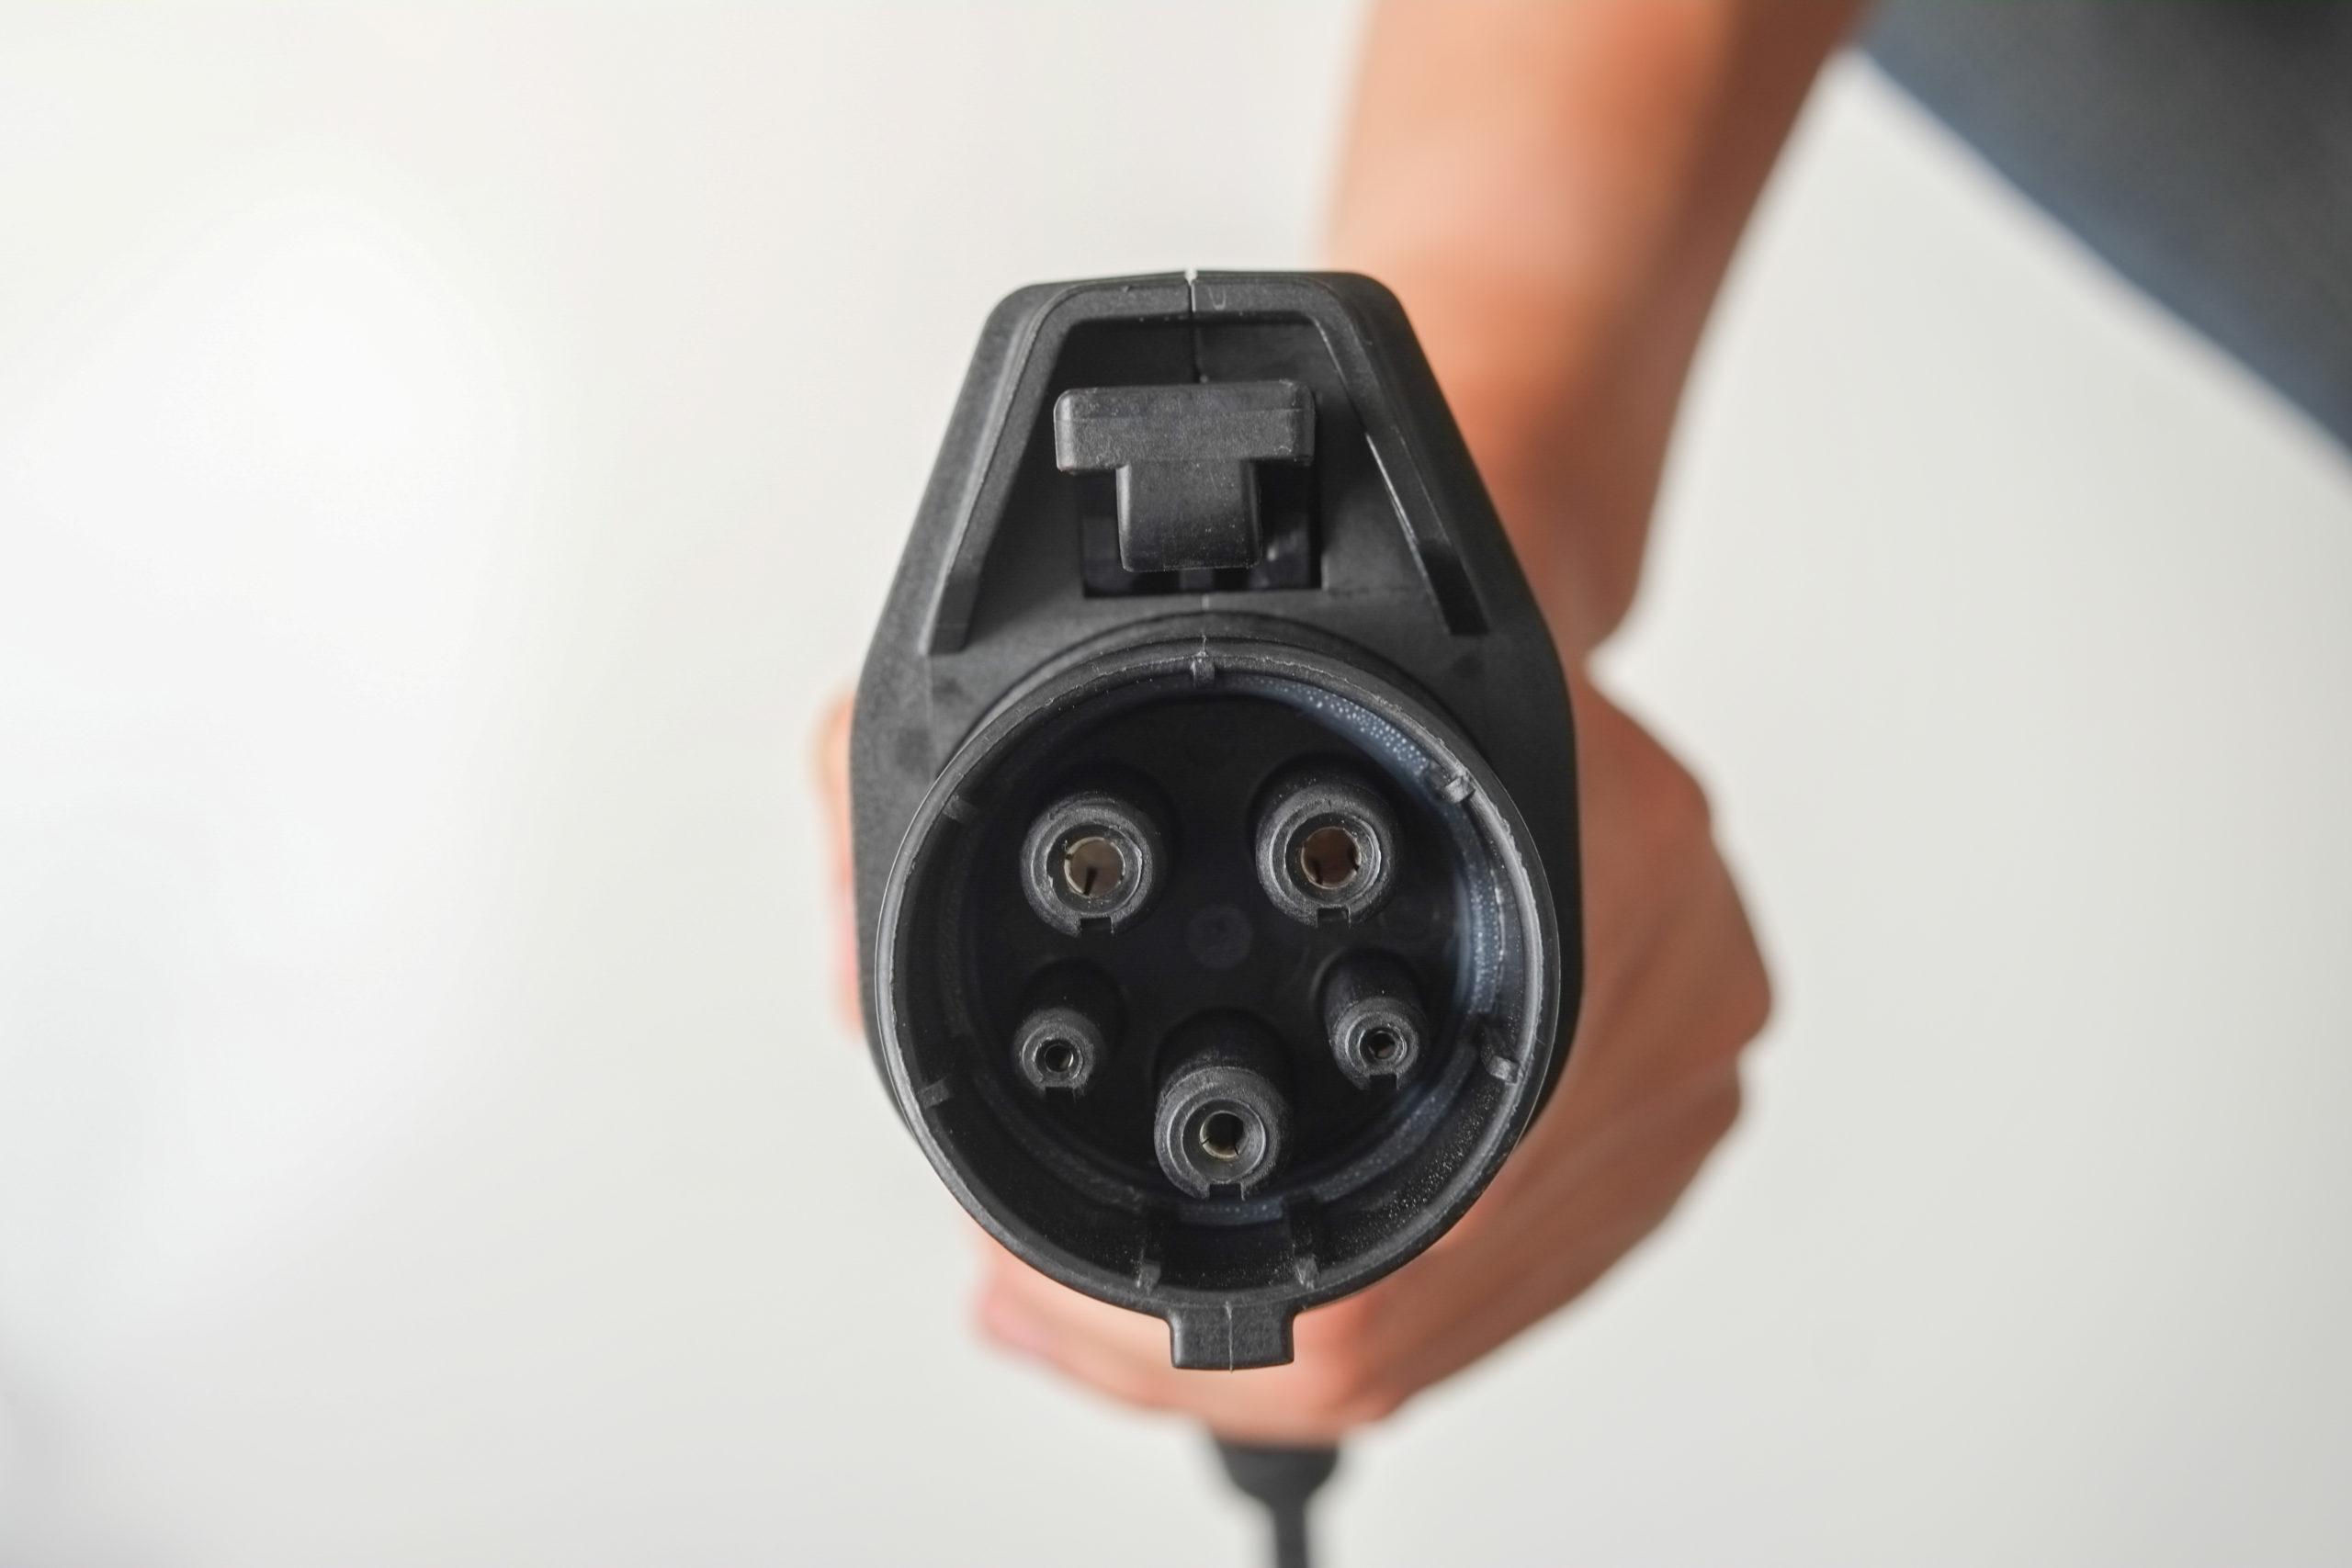 Ladda elbil Typ 1 kabel